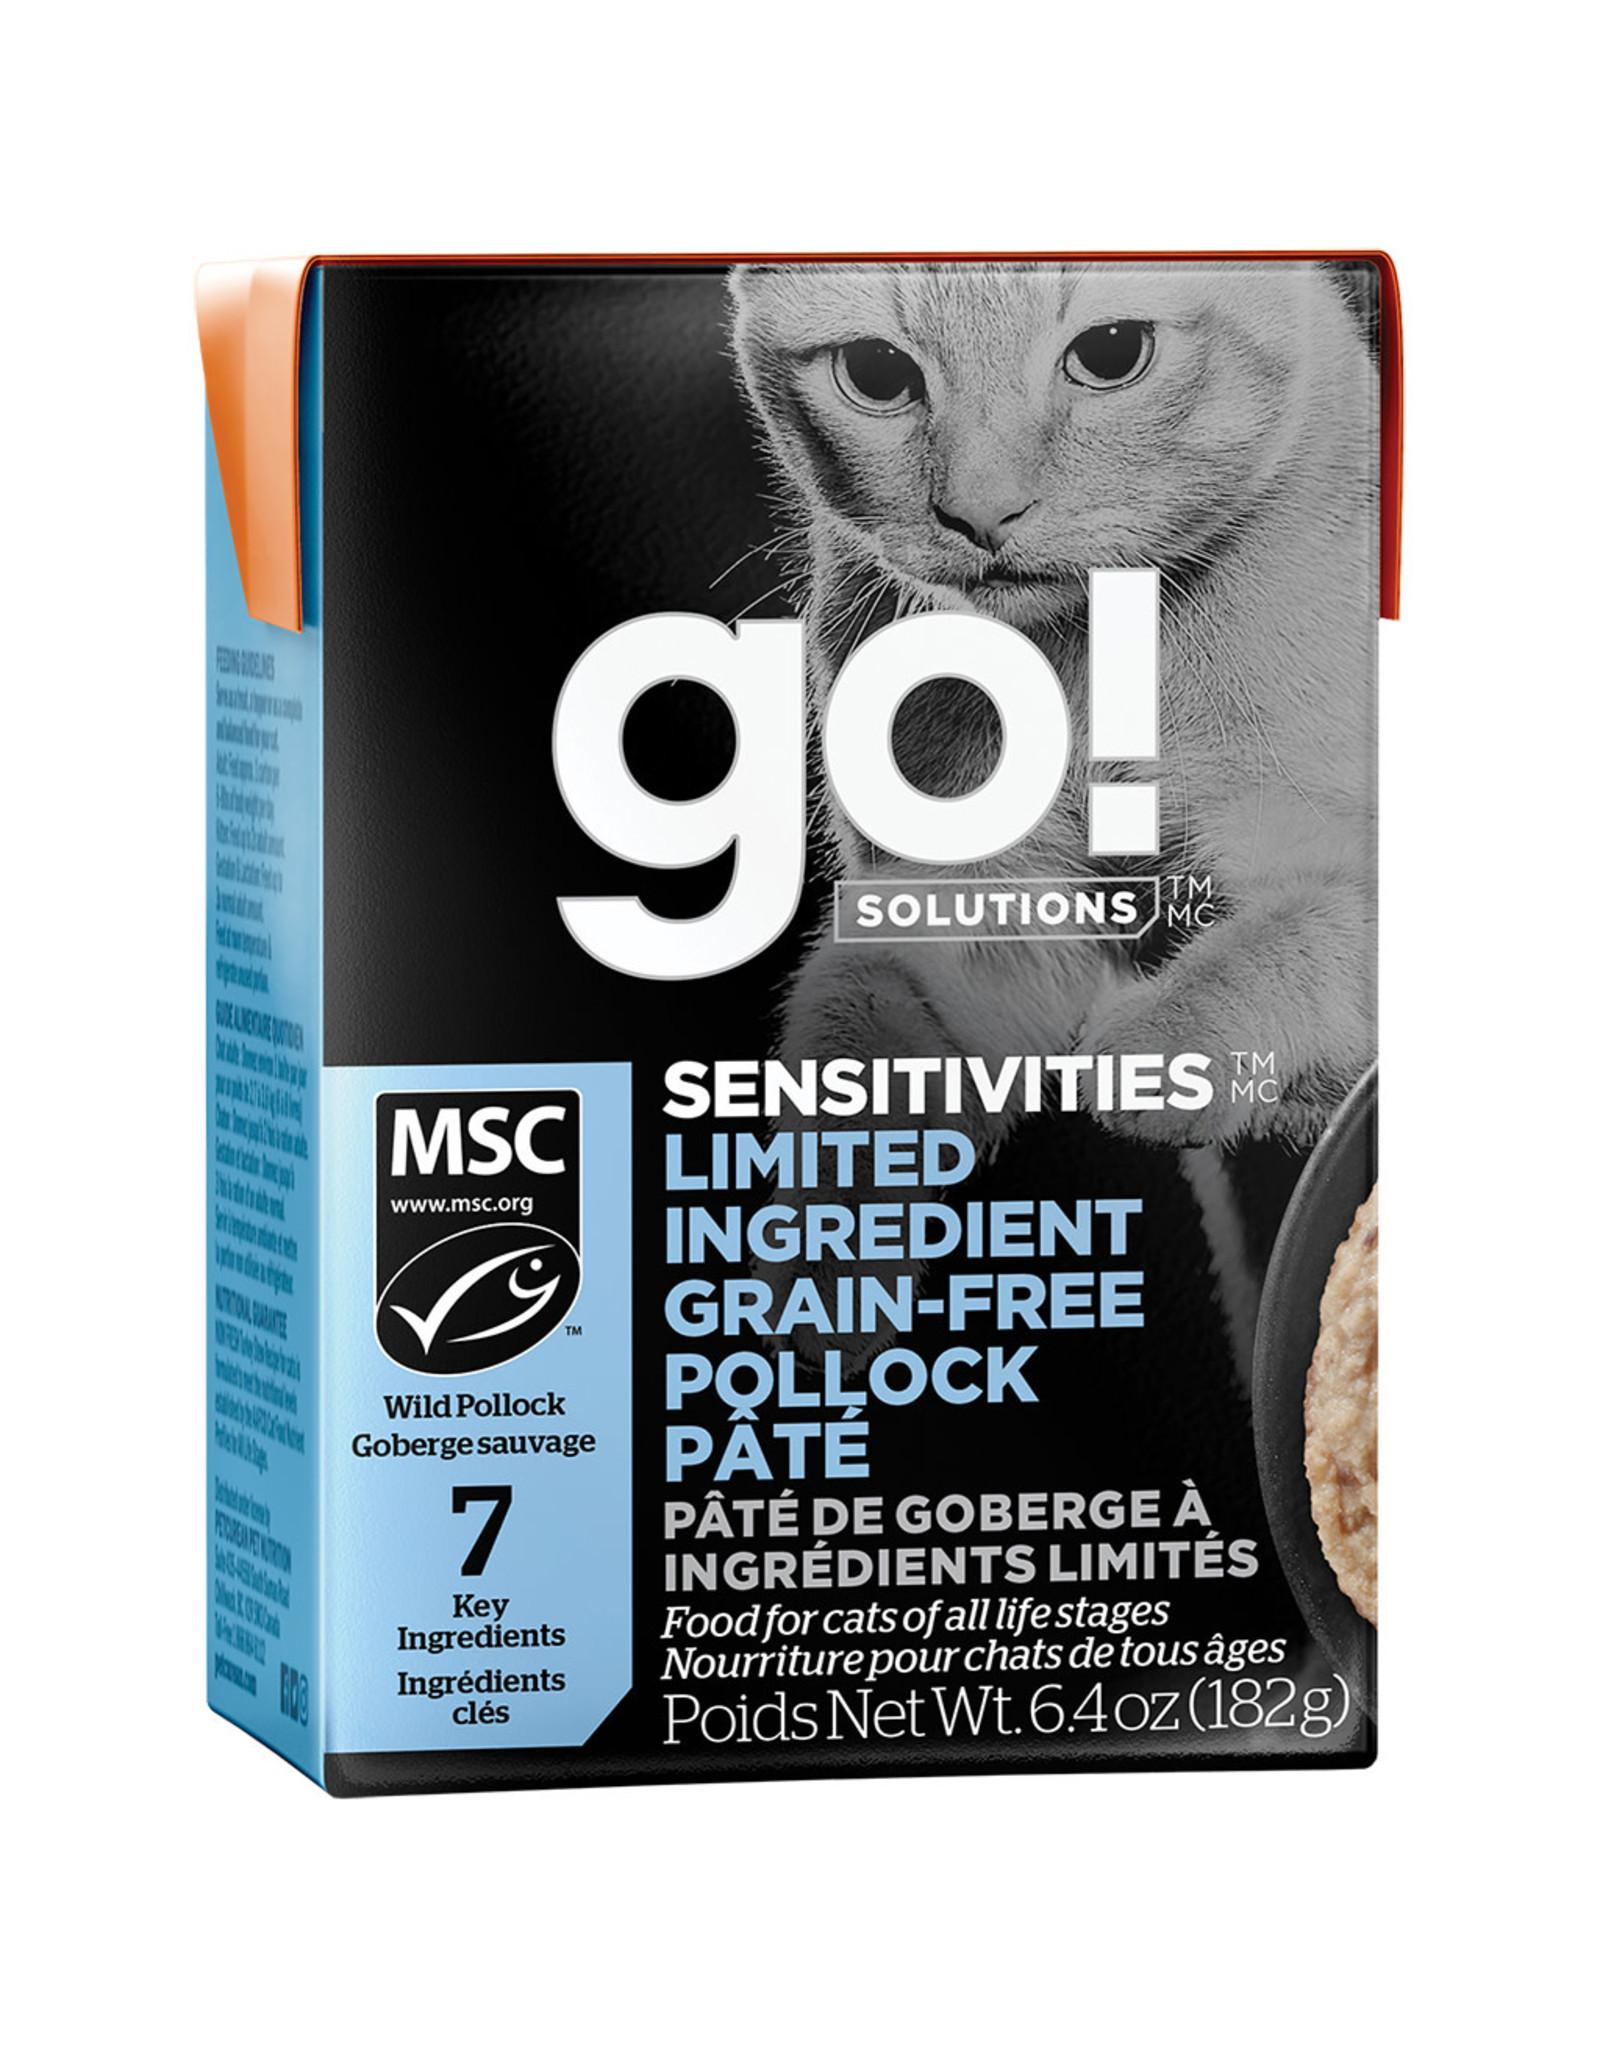 Petcurean GO! Sensitivites LID GF Pollock Pate [CAT] 6.4OZ